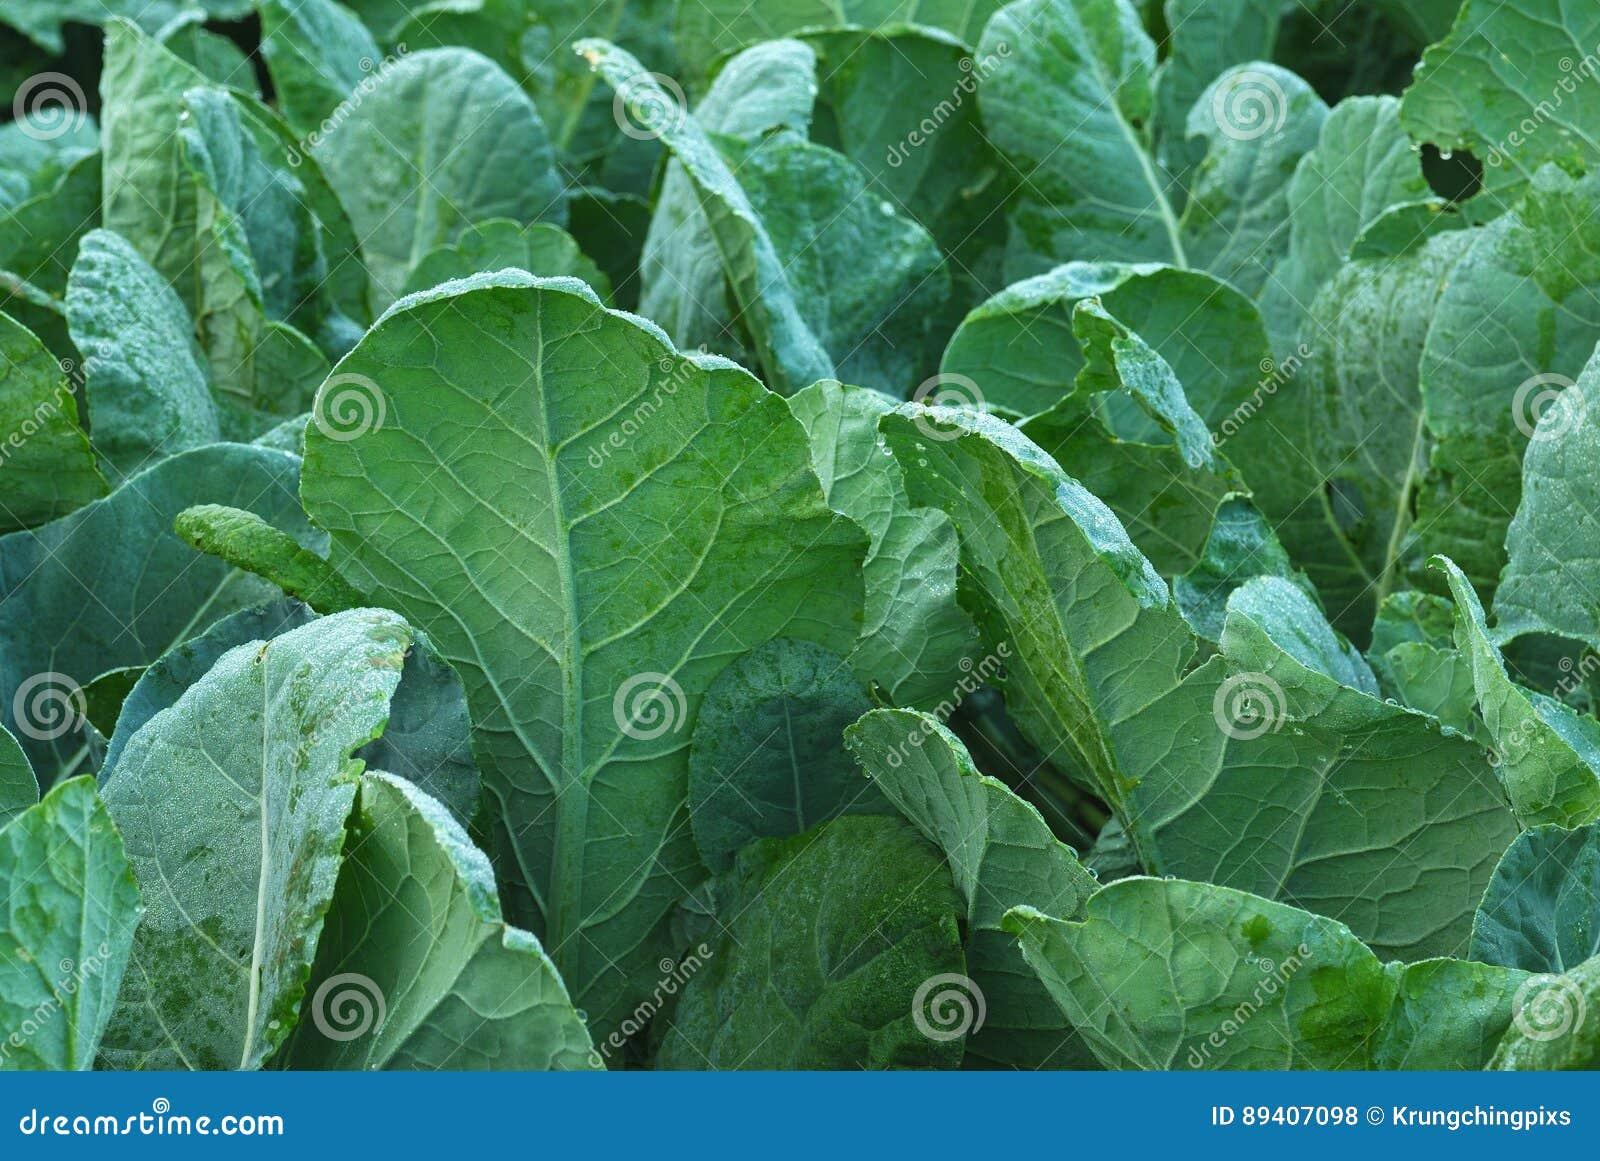 Folhas da couve-flor